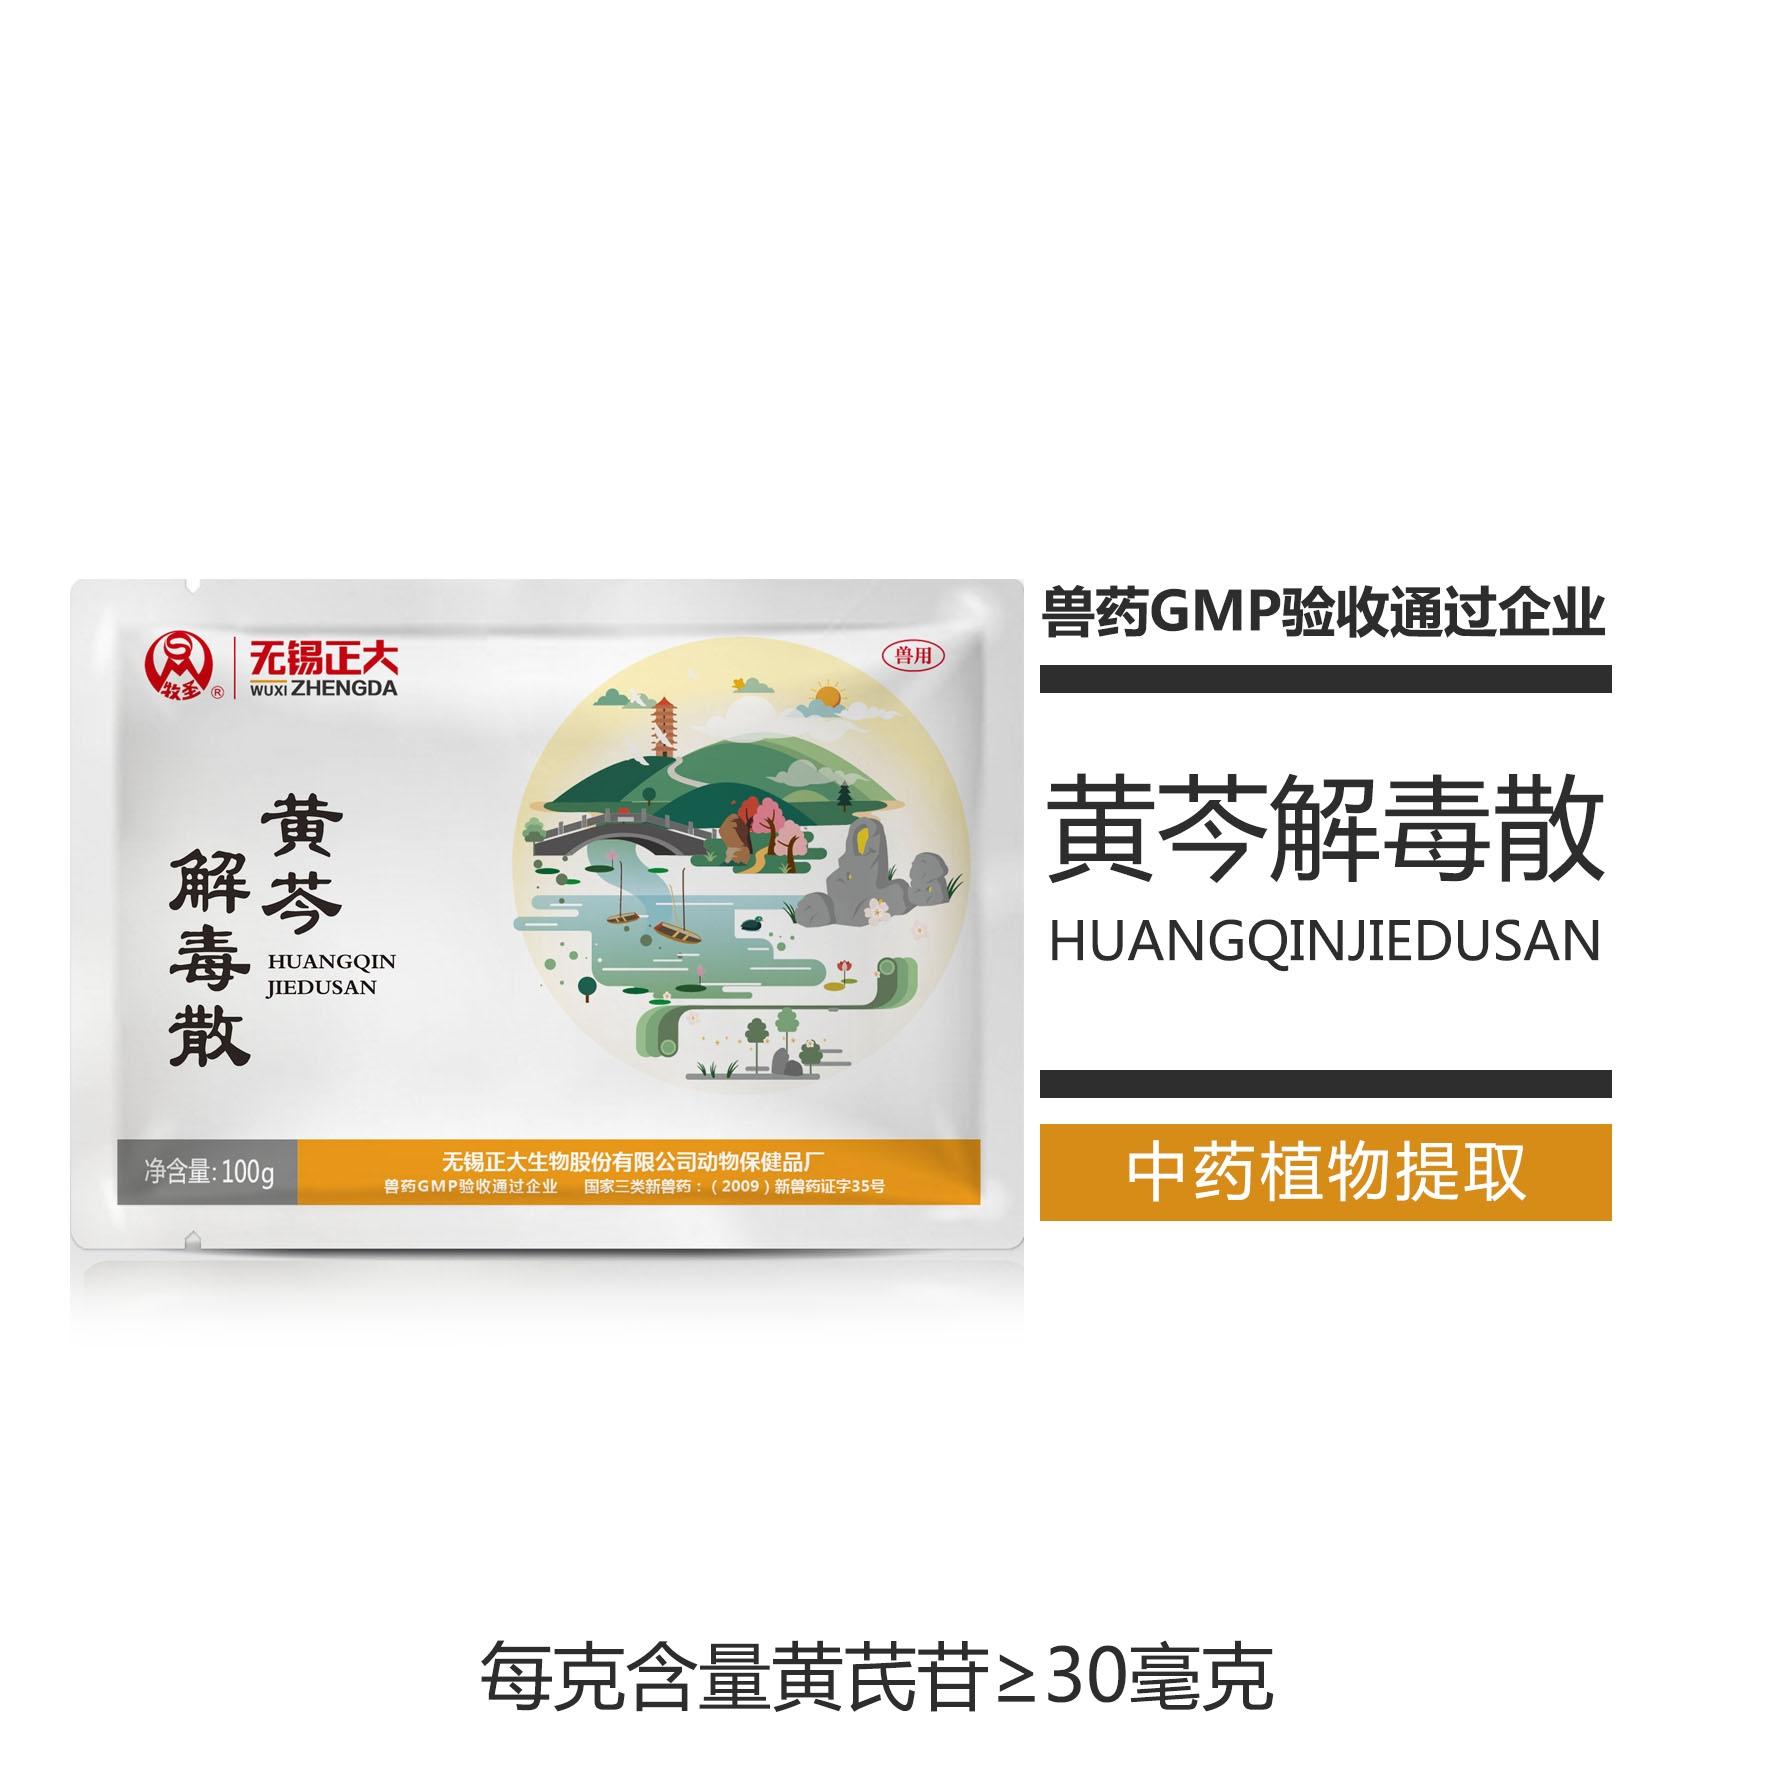 【无锡正大】 黄芩解毒散 100g*100 植物提取